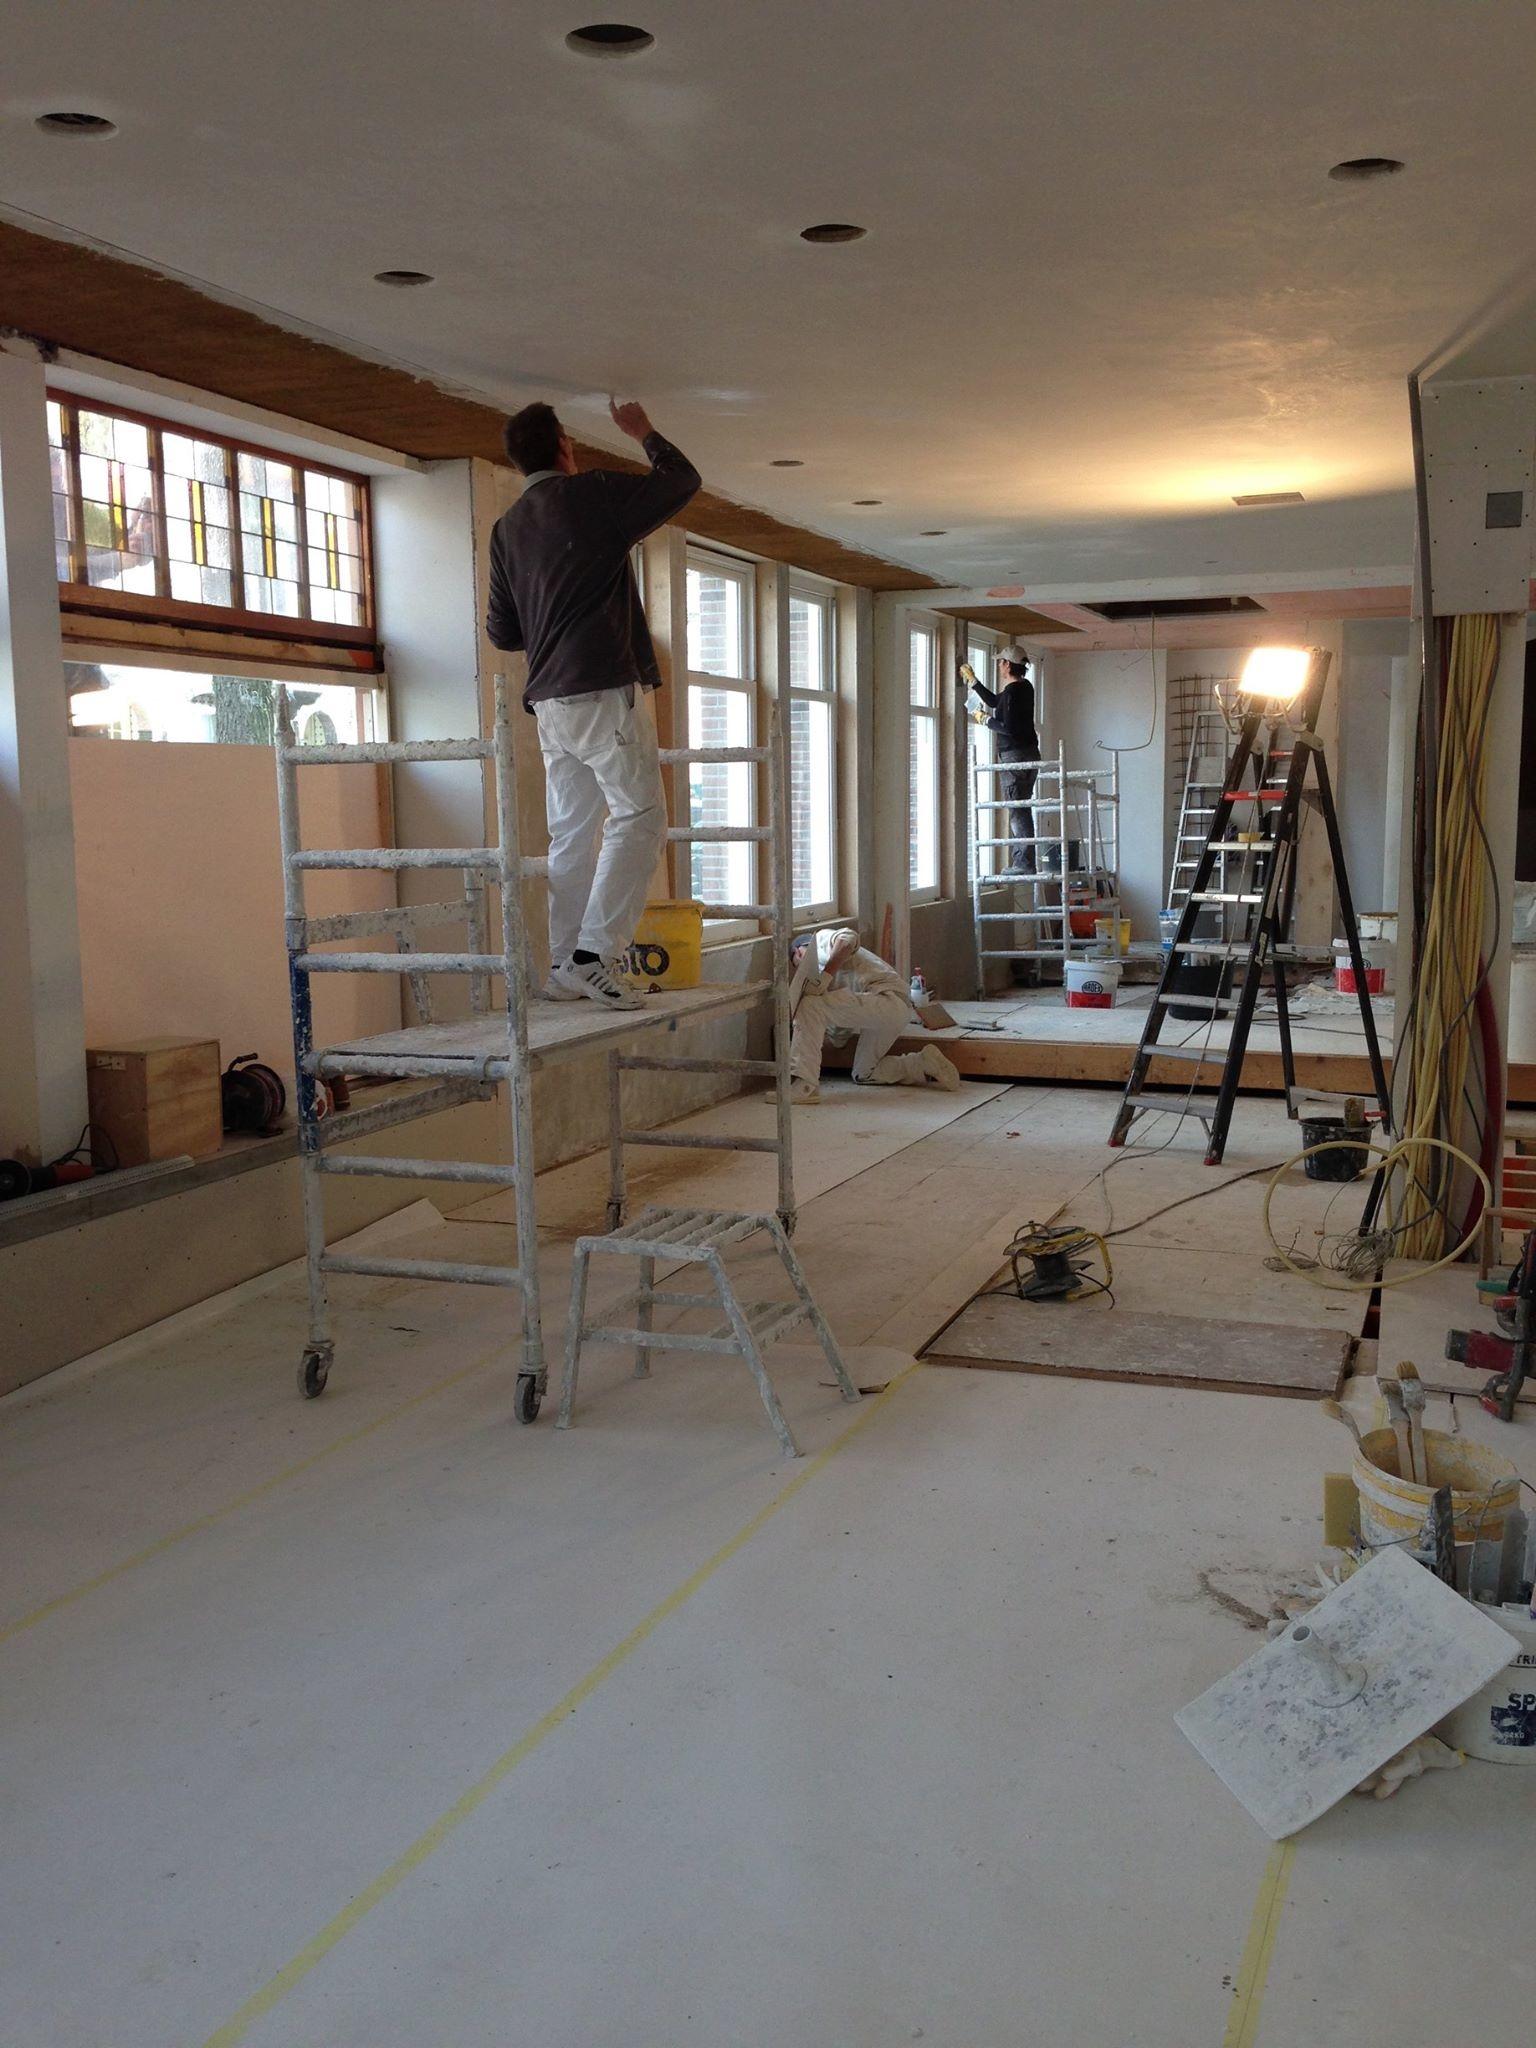 Biologisch Restaurant Soep en zo WEM klimaat elementen leemplaten wand vloer plafond verwarming kalkstuc